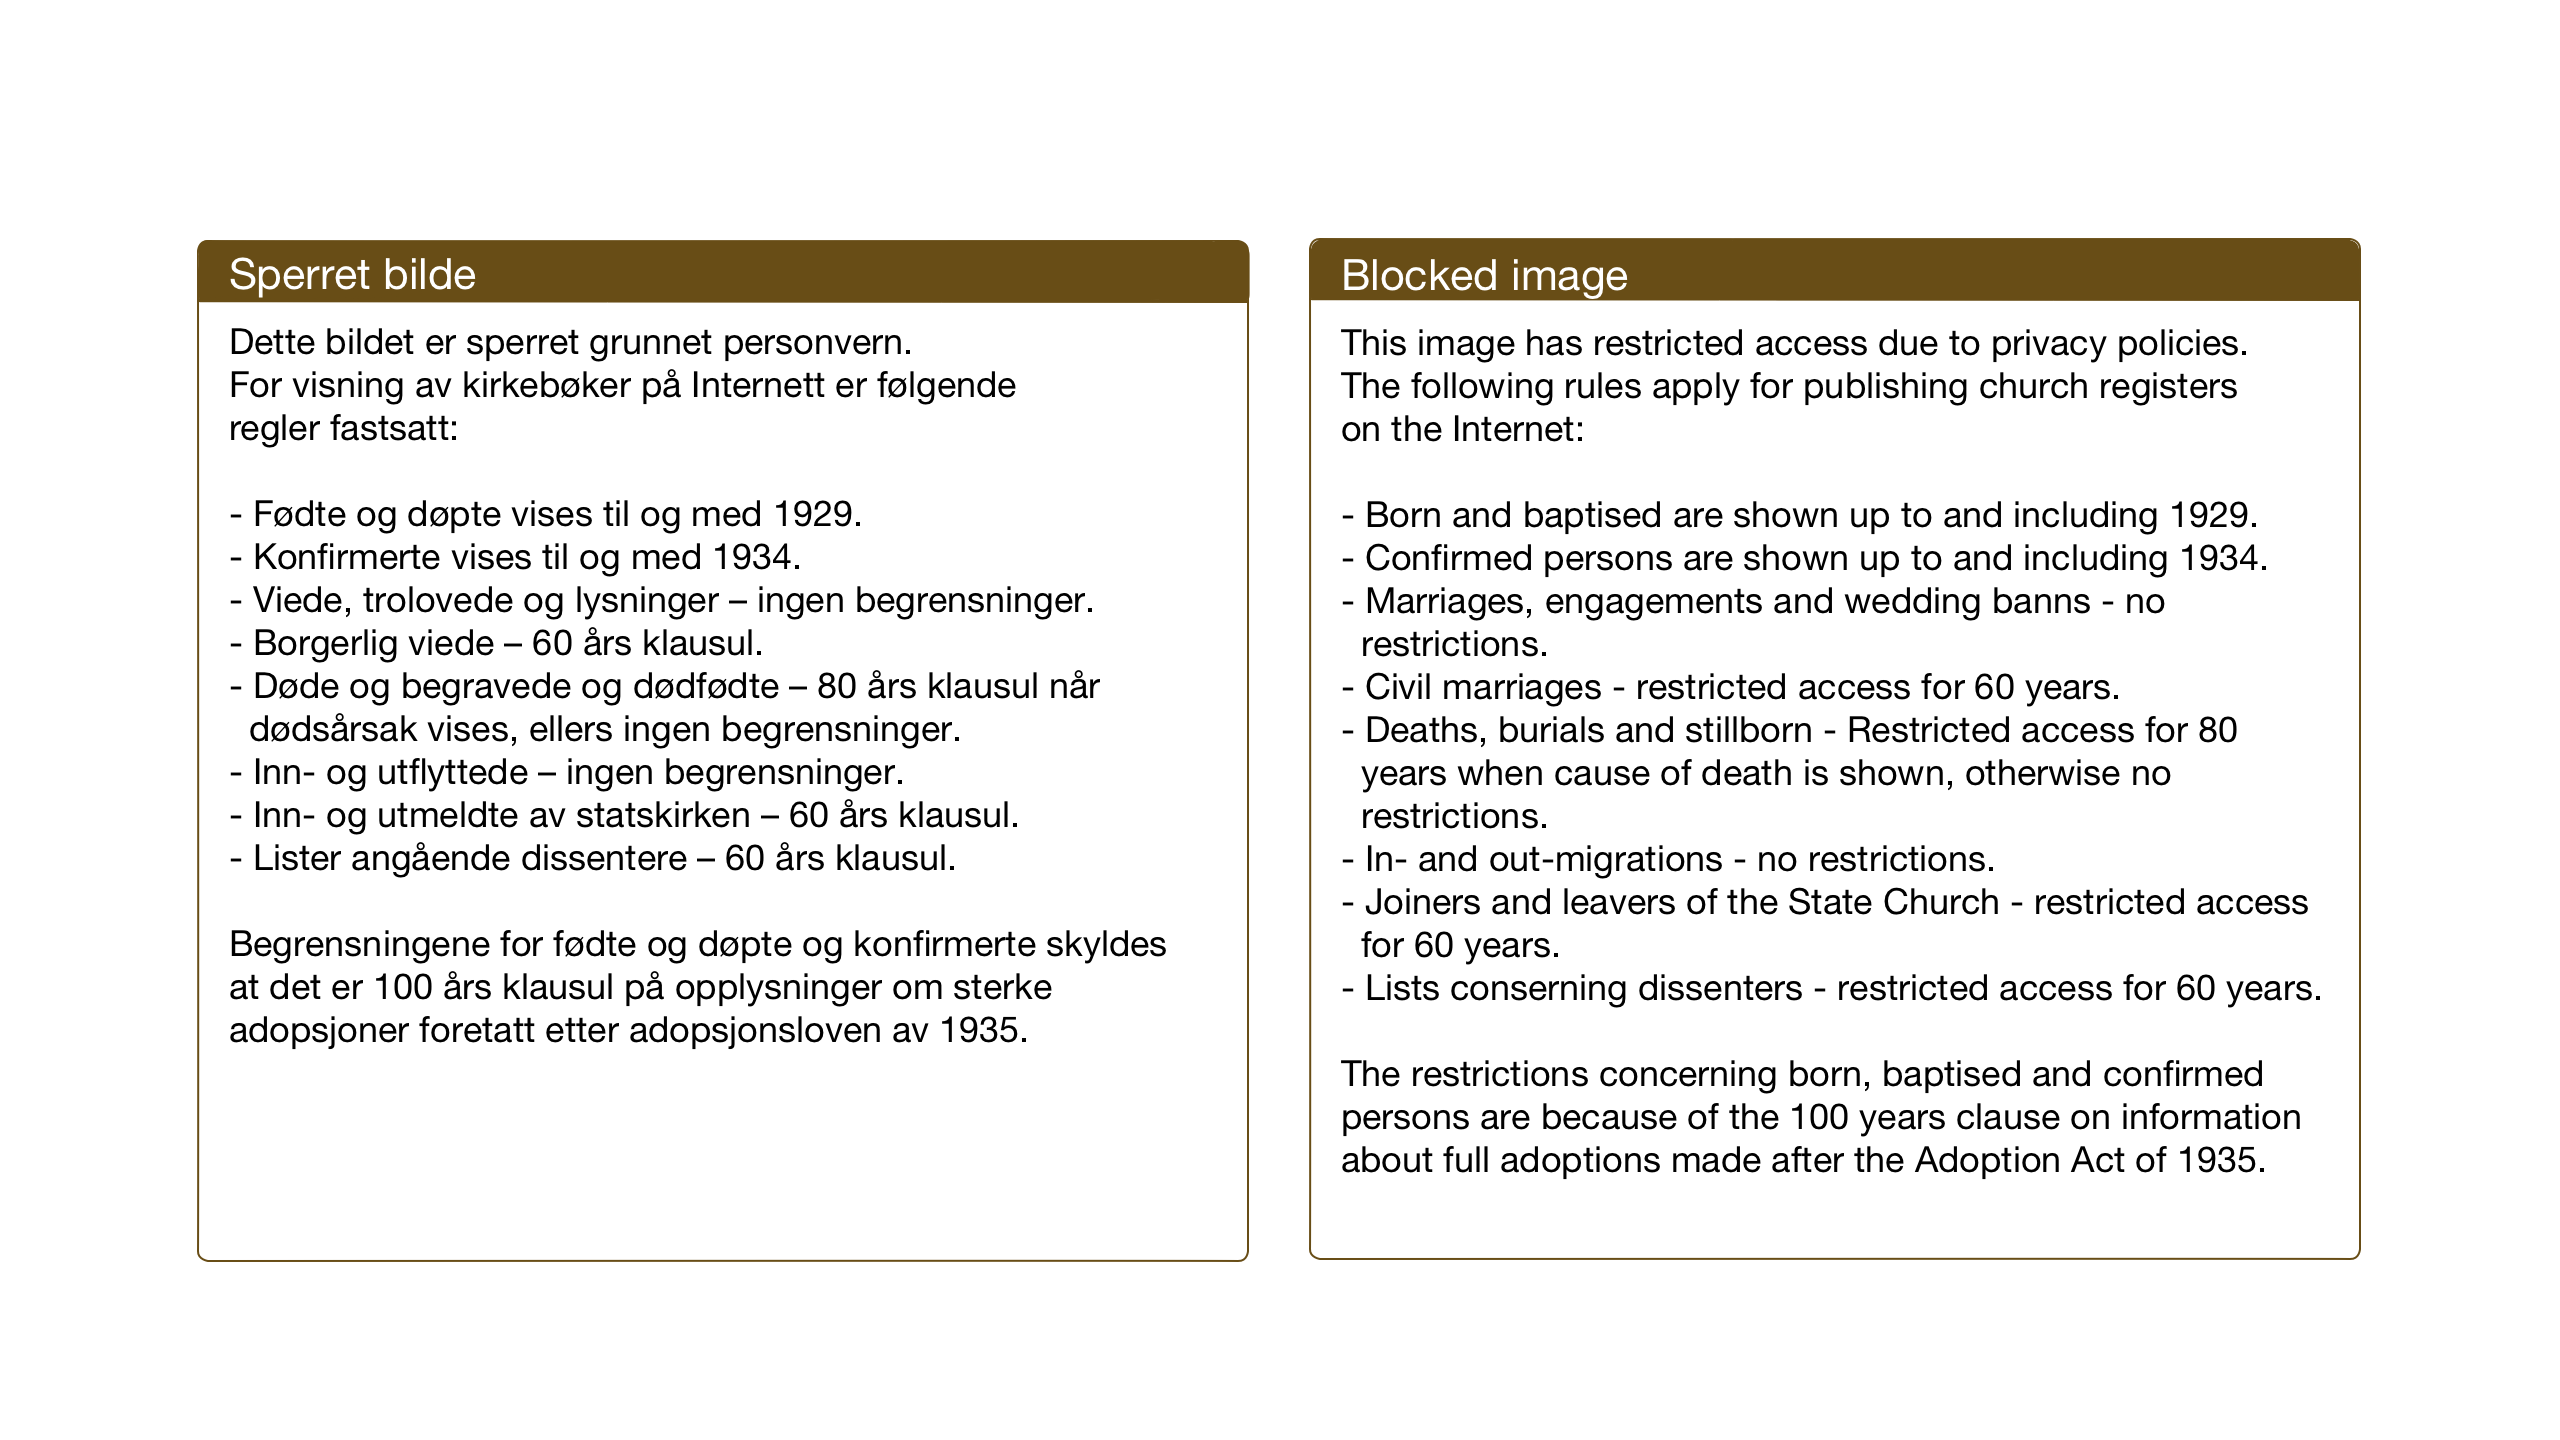 SAT, Ministerialprotokoller, klokkerbøker og fødselsregistre - Sør-Trøndelag, 608/L0343: Klokkerbok nr. 608C09, 1938-1952, s. 6